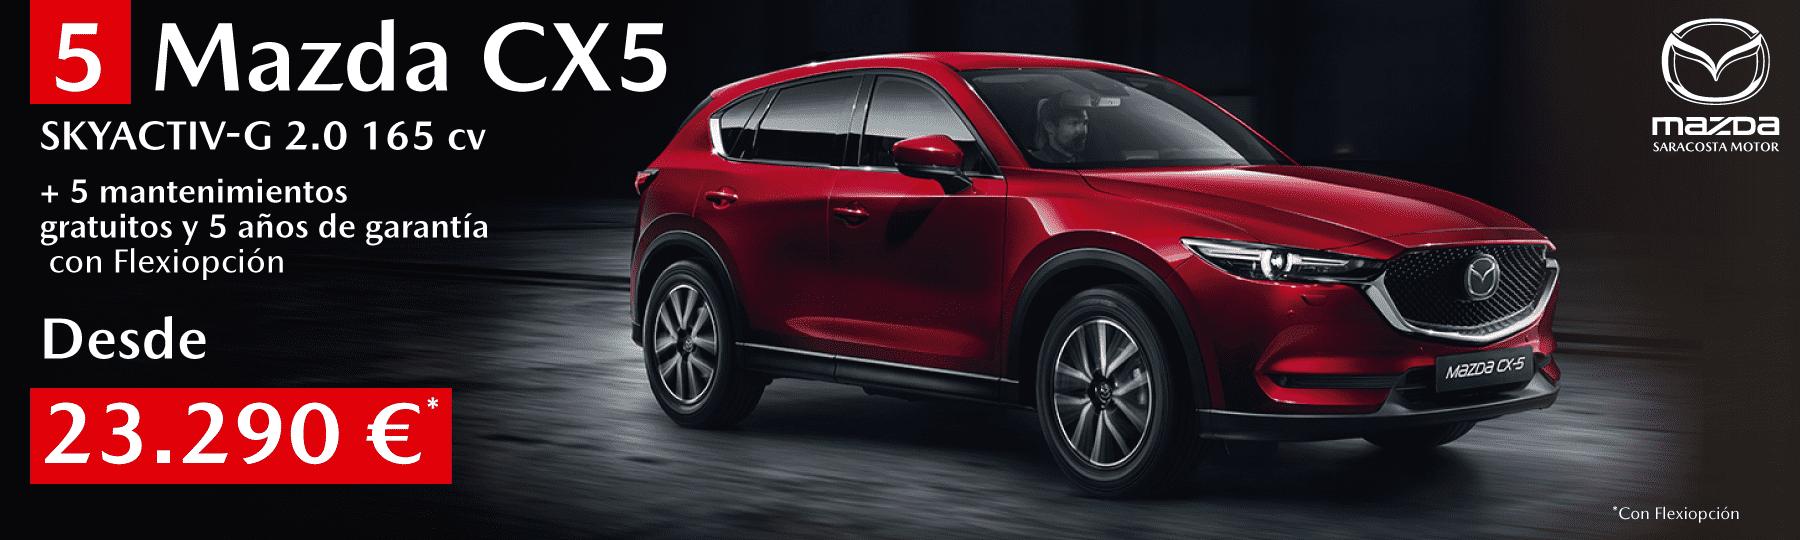 5 unidades de Mazda CX5 2019 CX5 desde 23.290 €/ud